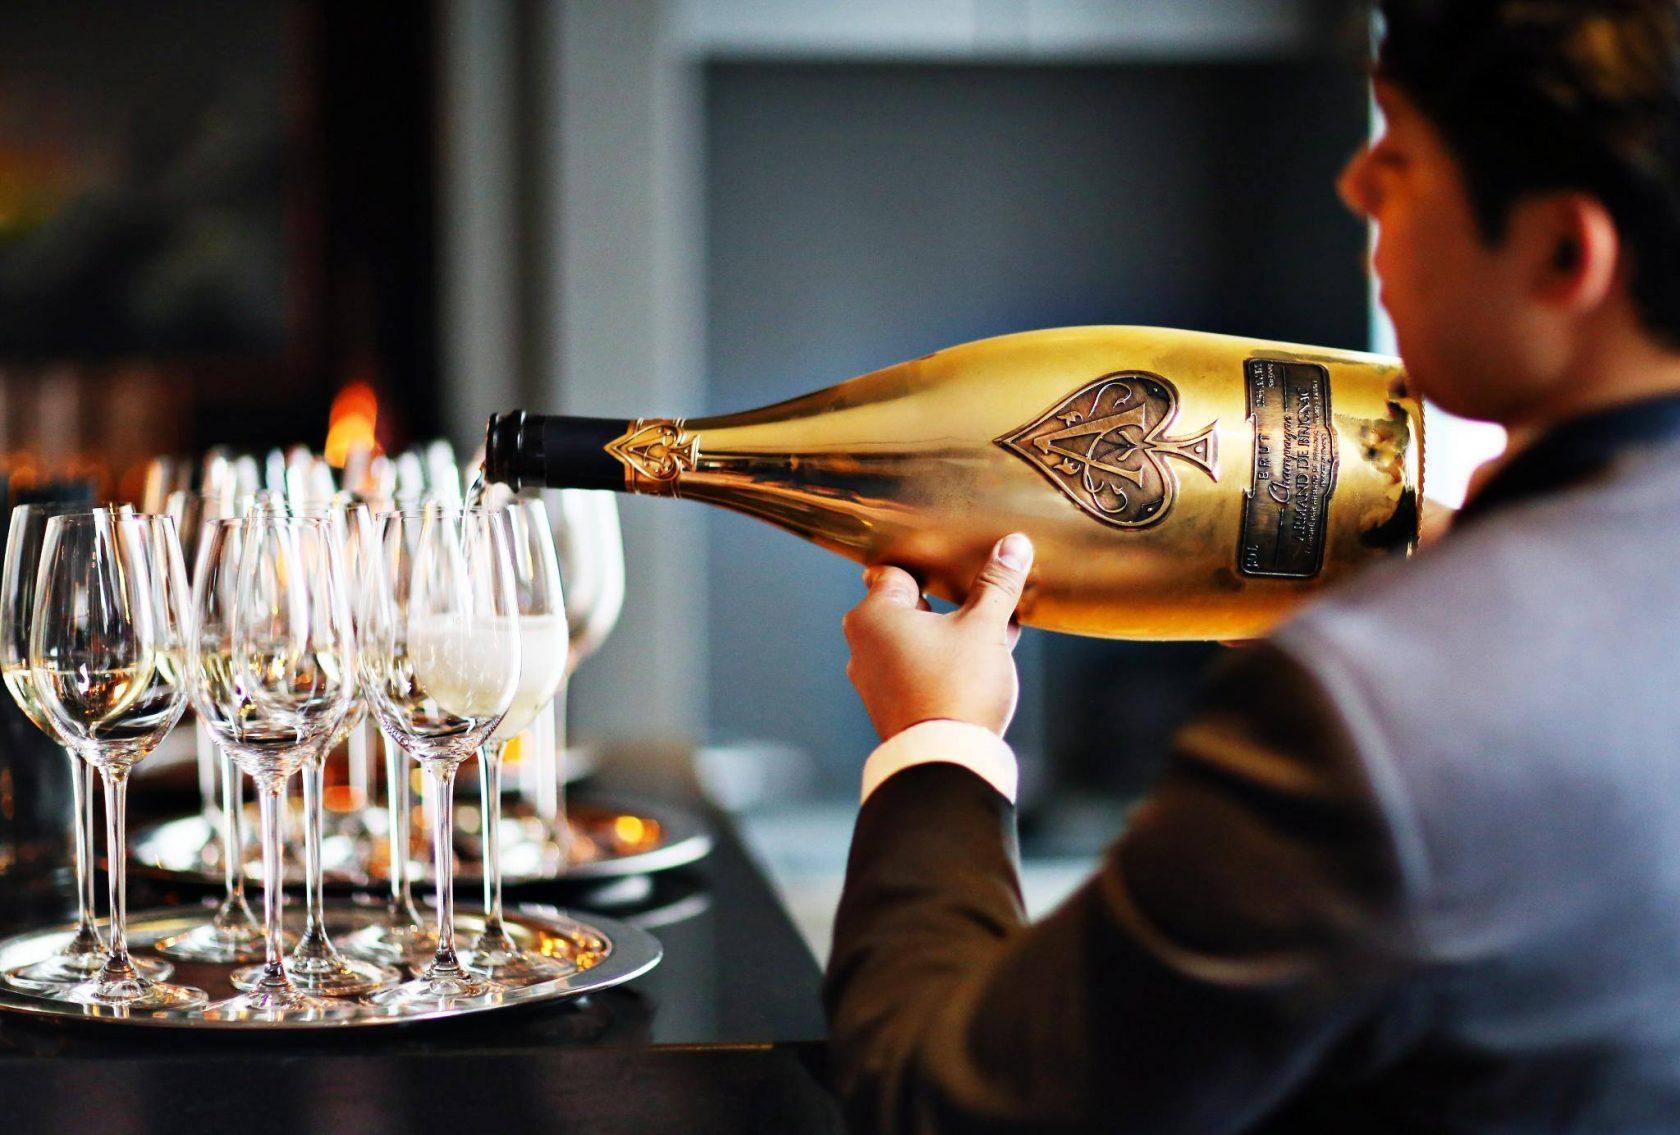 Armand de Brignac - Champagne cho người sành sỏi - 05